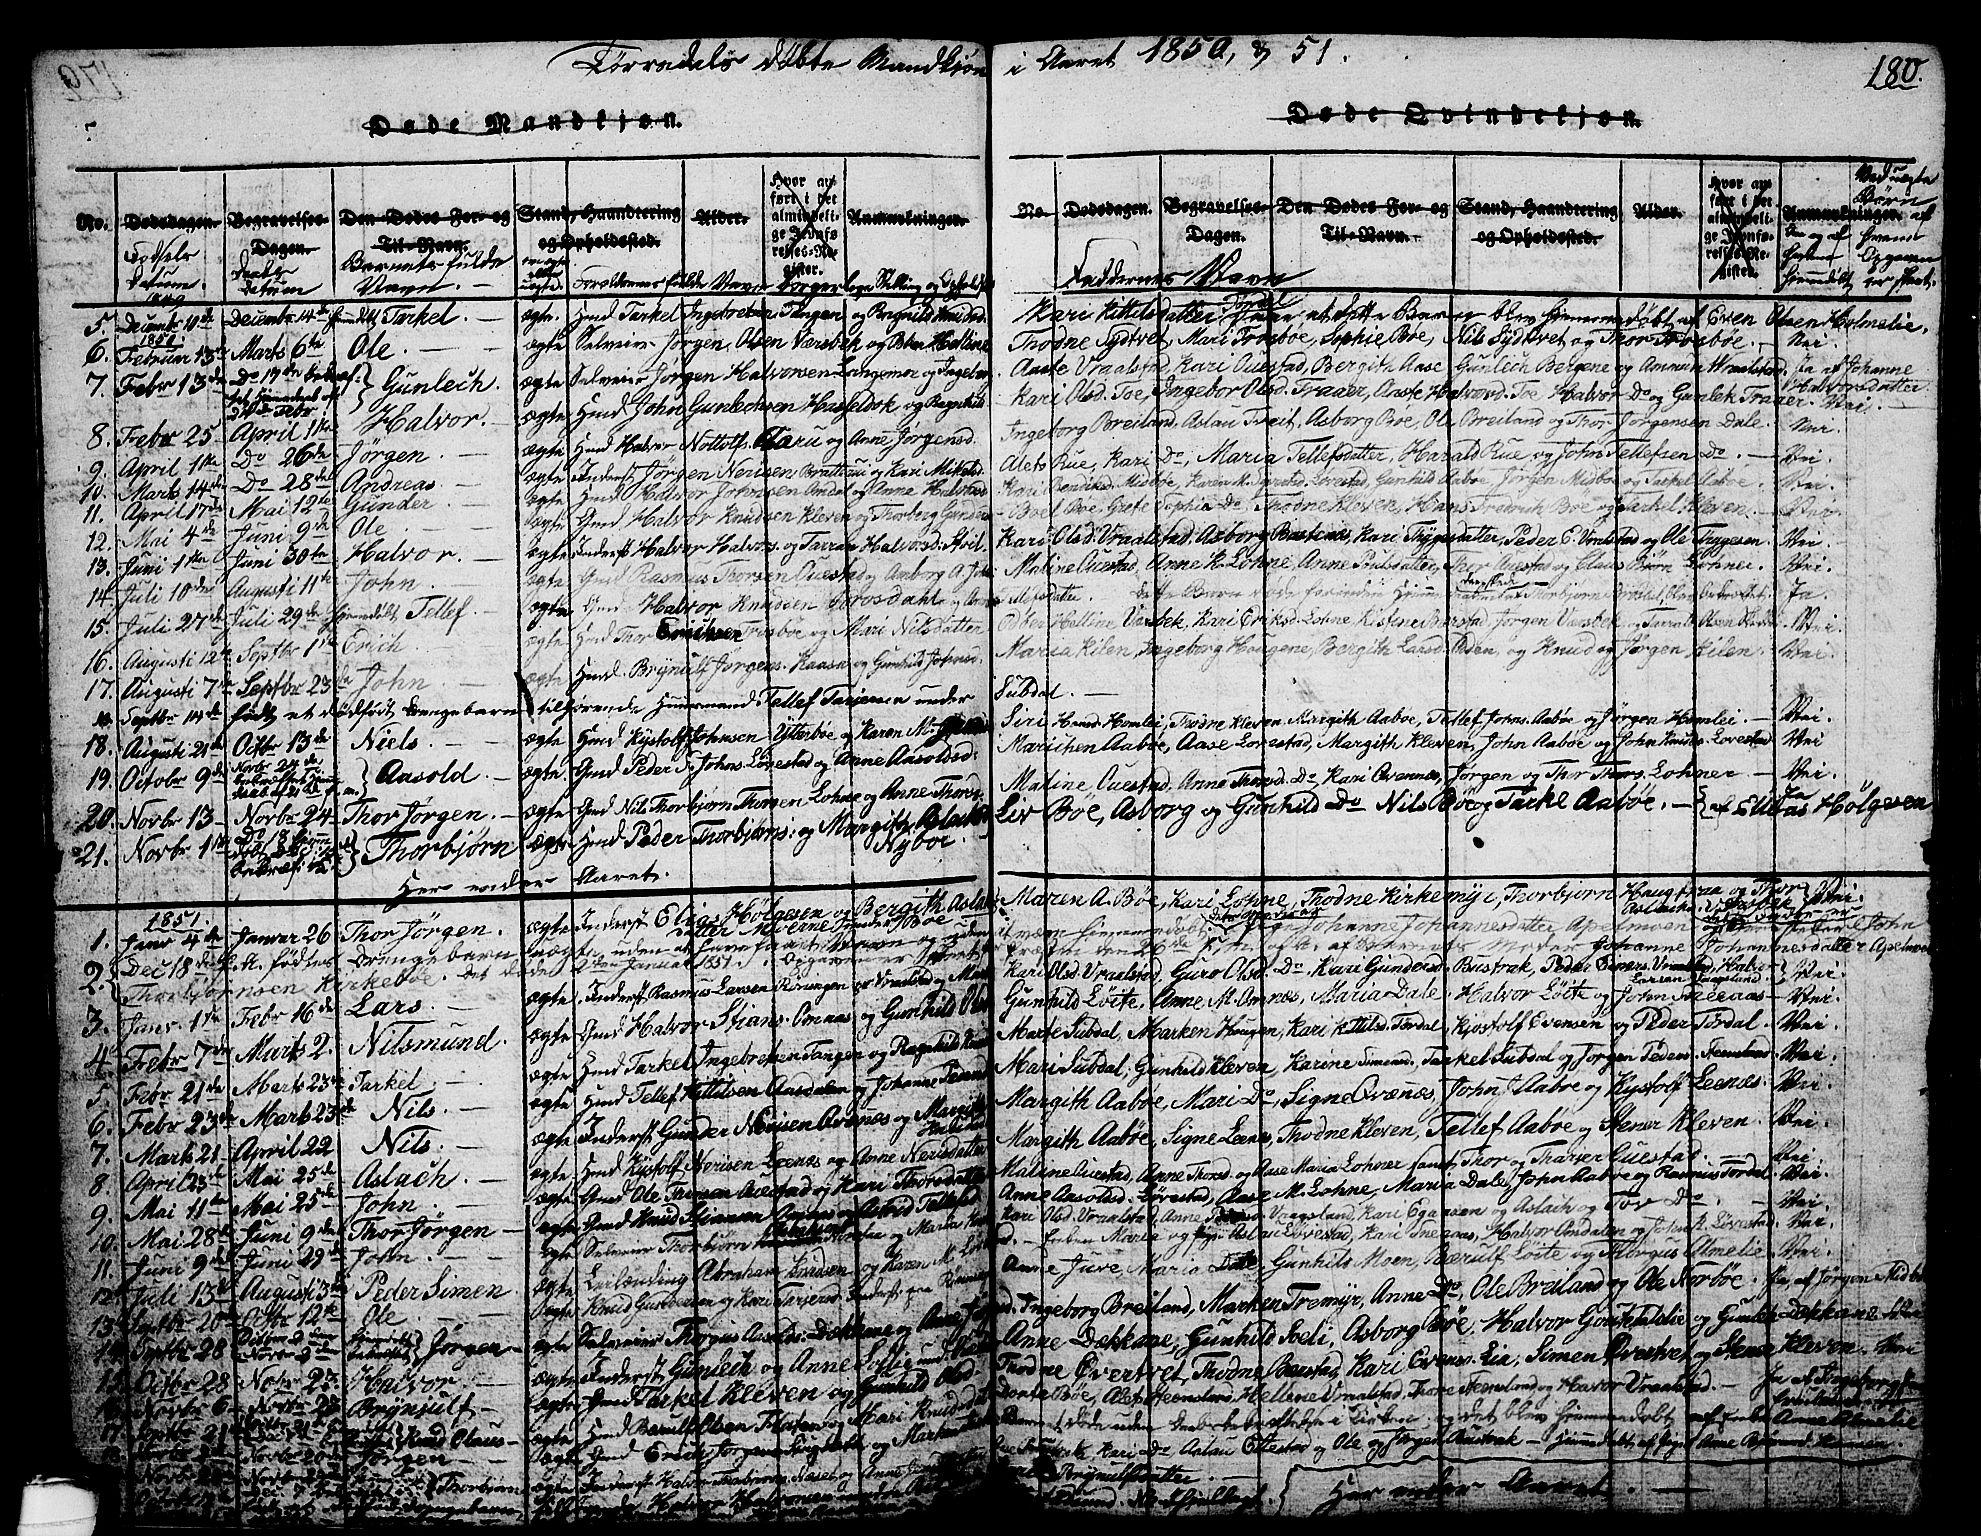 SAKO, Drangedal kirkebøker, G/Ga/L0001: Klokkerbok nr. I 1 /2, 1814-1856, s. 180